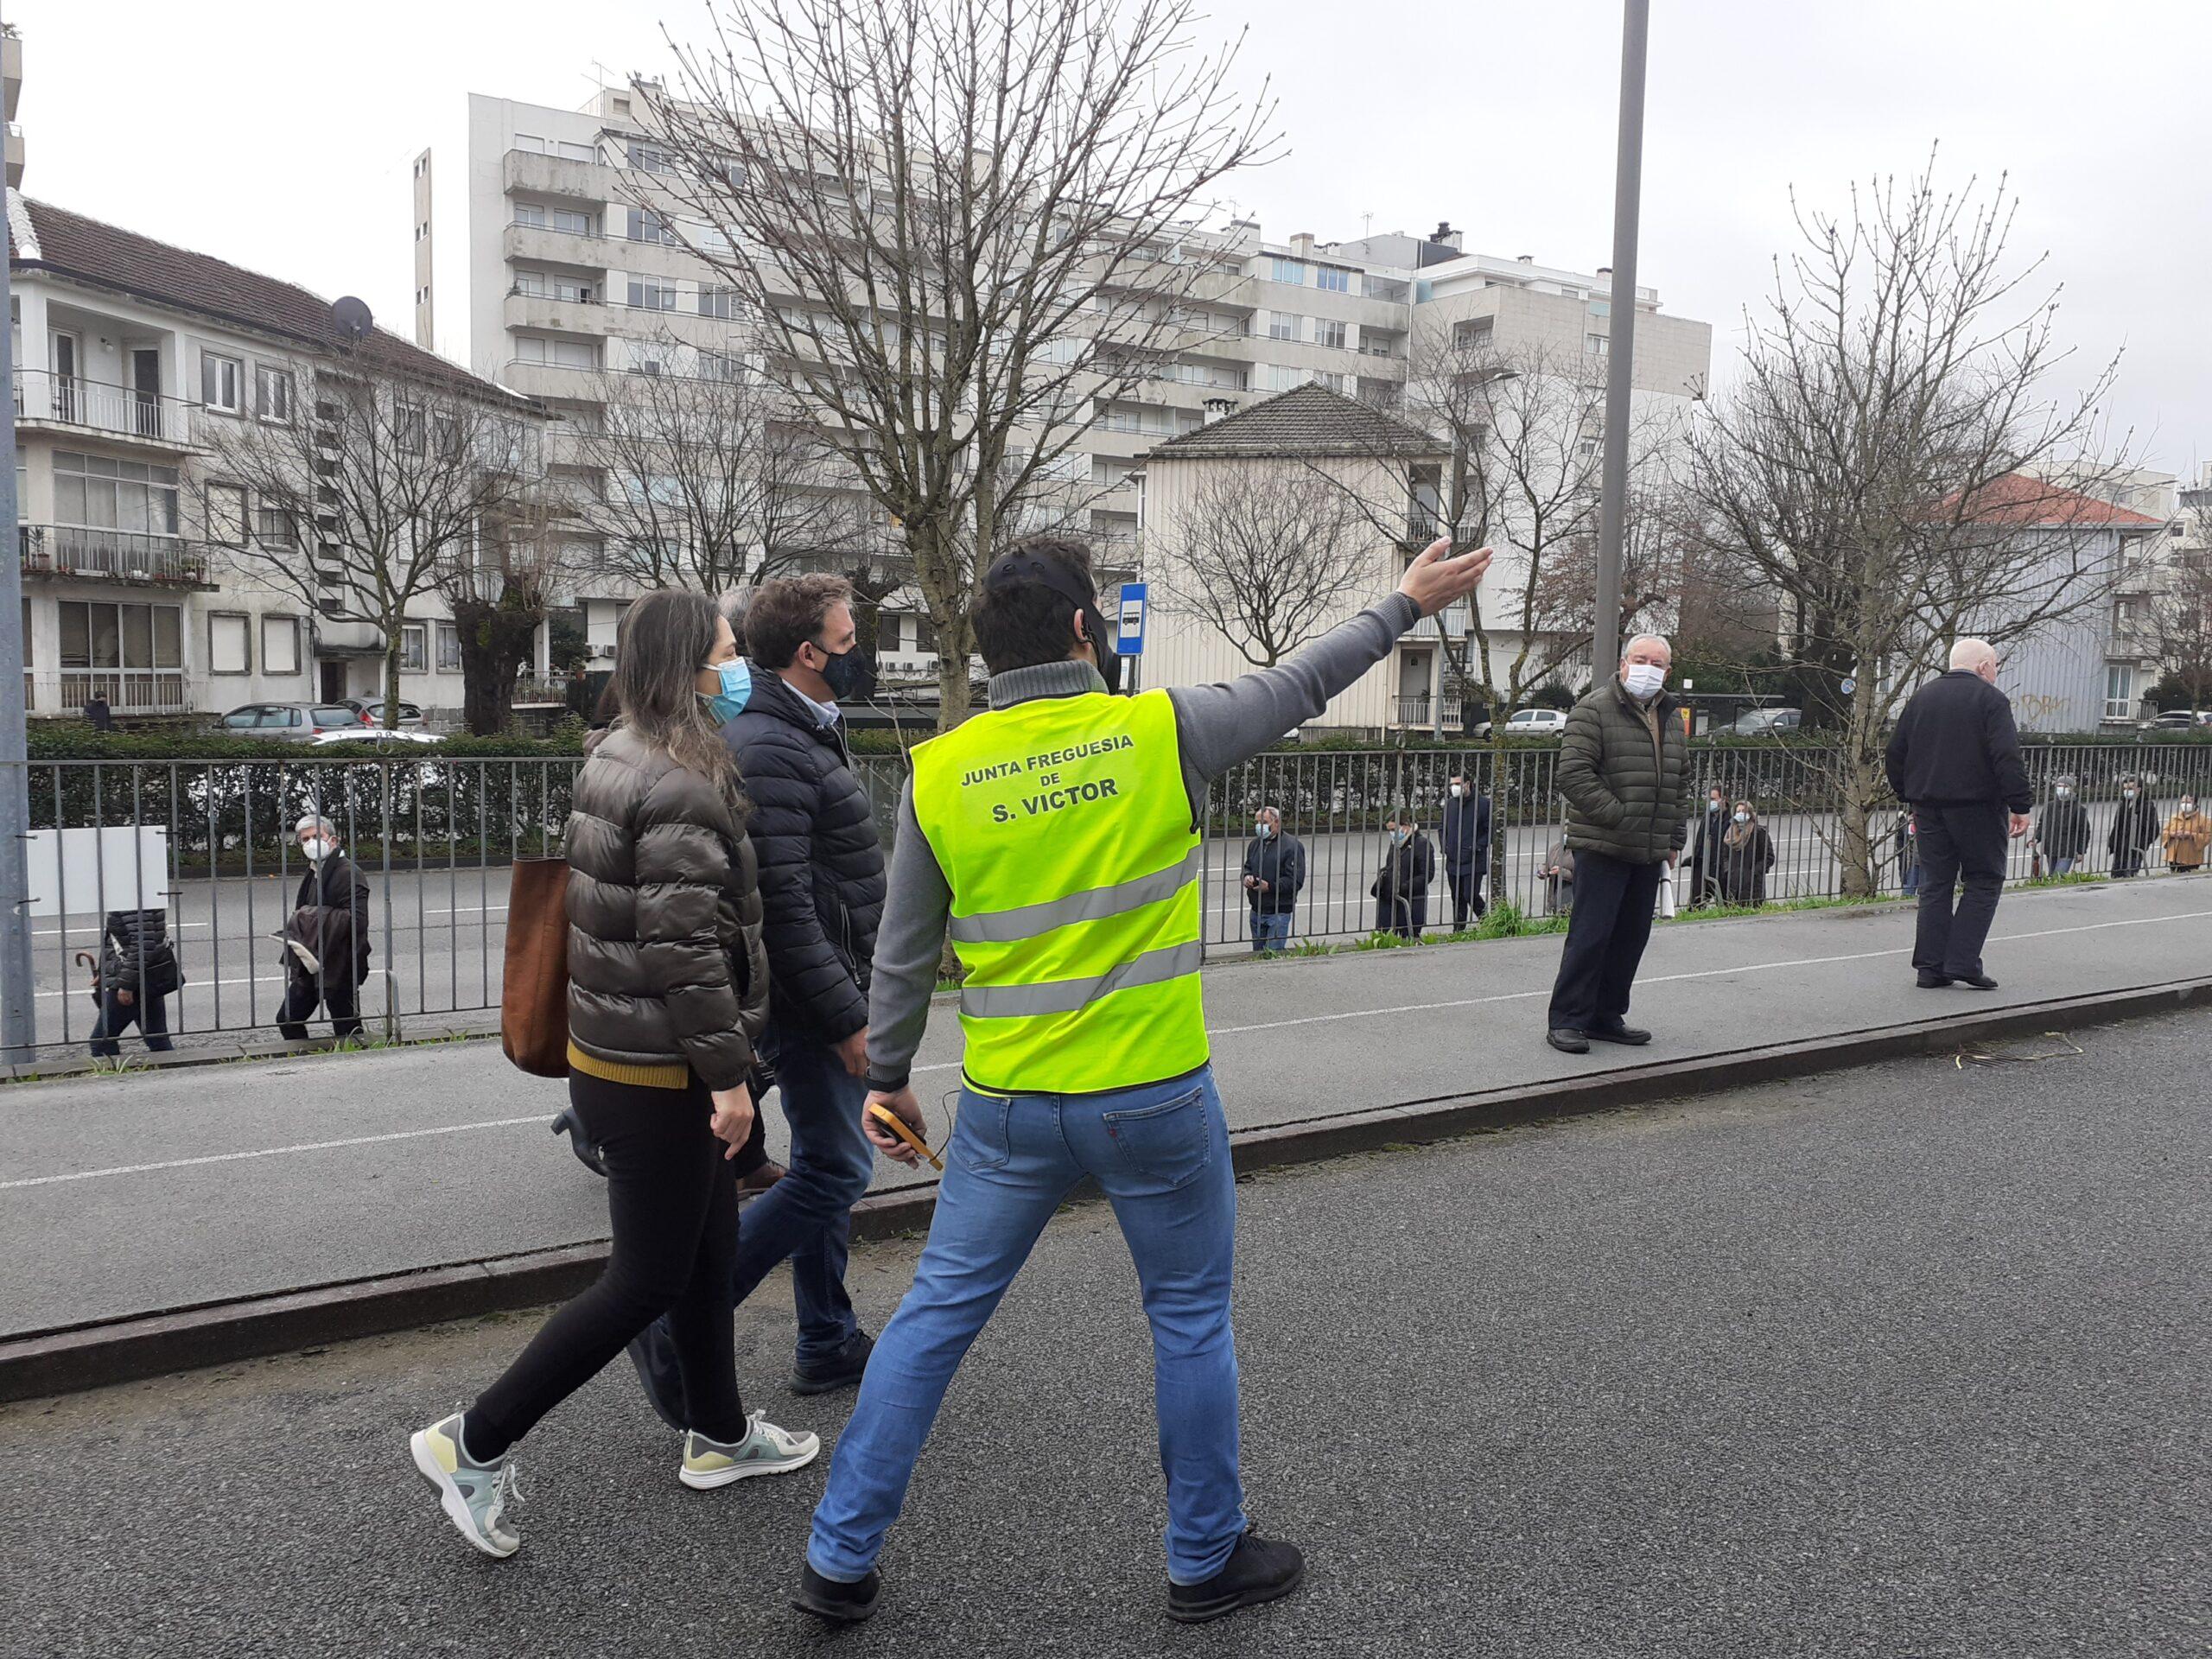 PRESIDENCIAIS. Longa fila surpreende eleitores na 'Carlos Amarante', em Braga